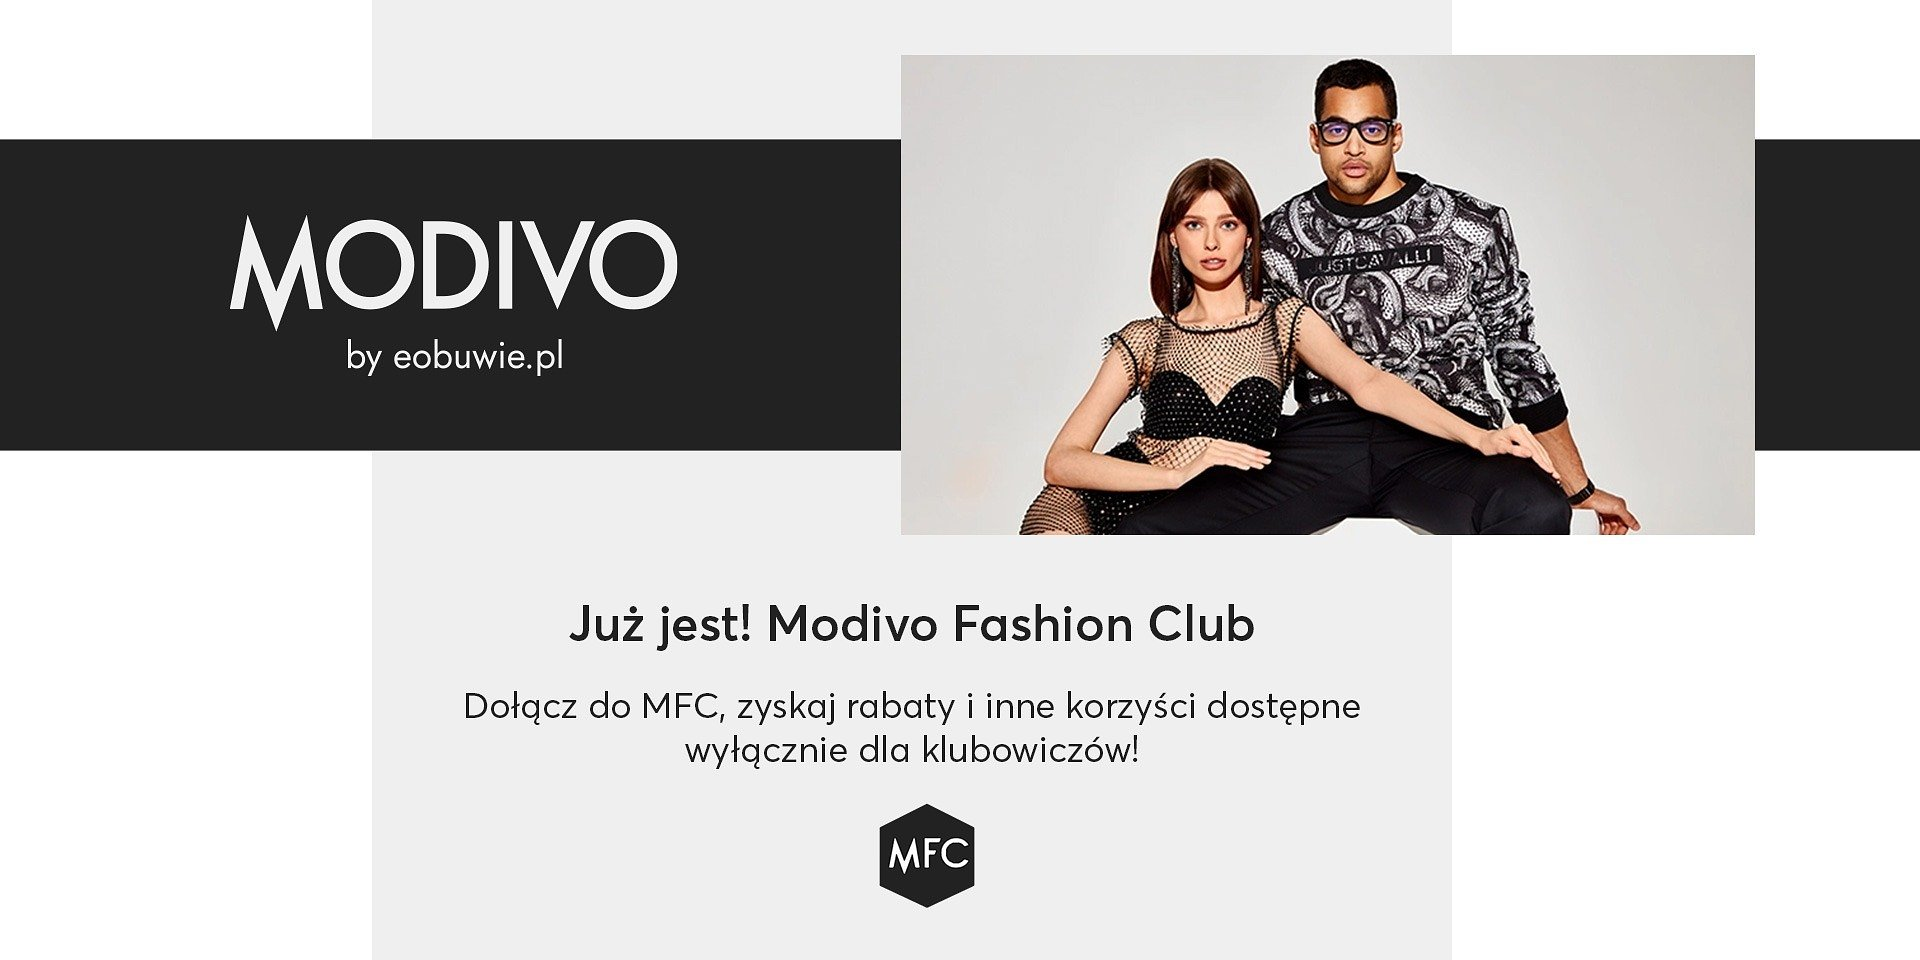 Ponad 37 tys. członków w programie lojalnościowym Modivo!